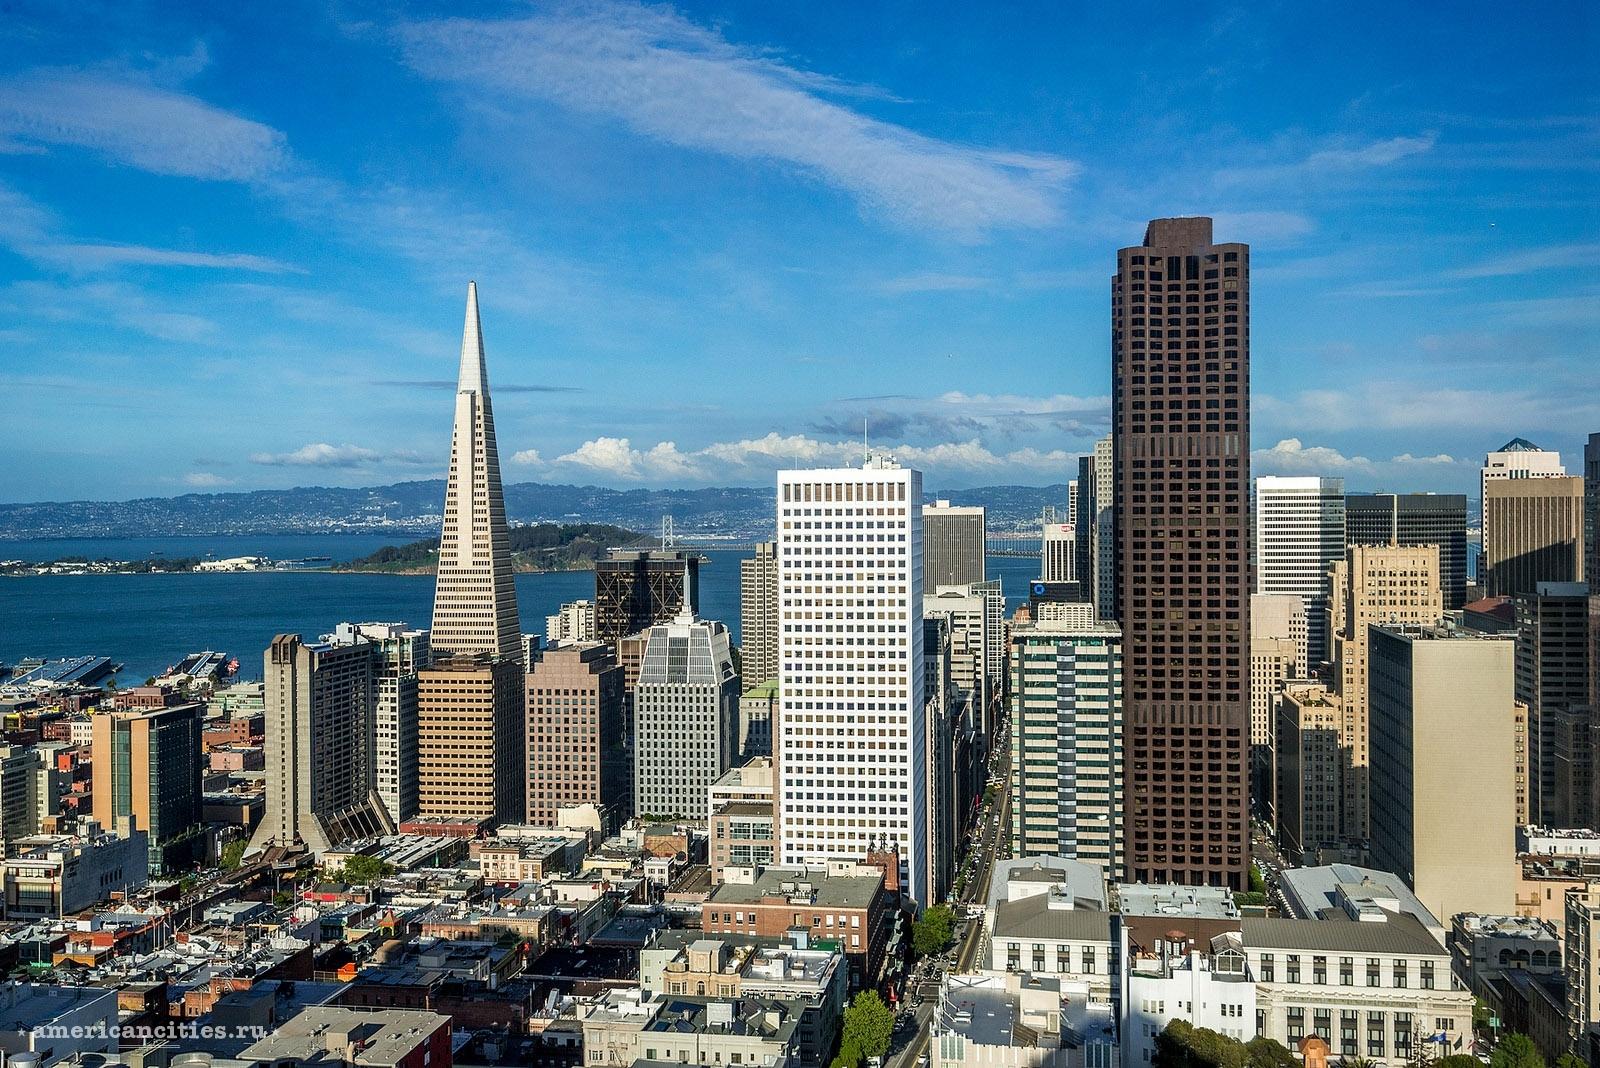 Житель Сан-Франциско зашел в свою квартиру и бесследно исчез